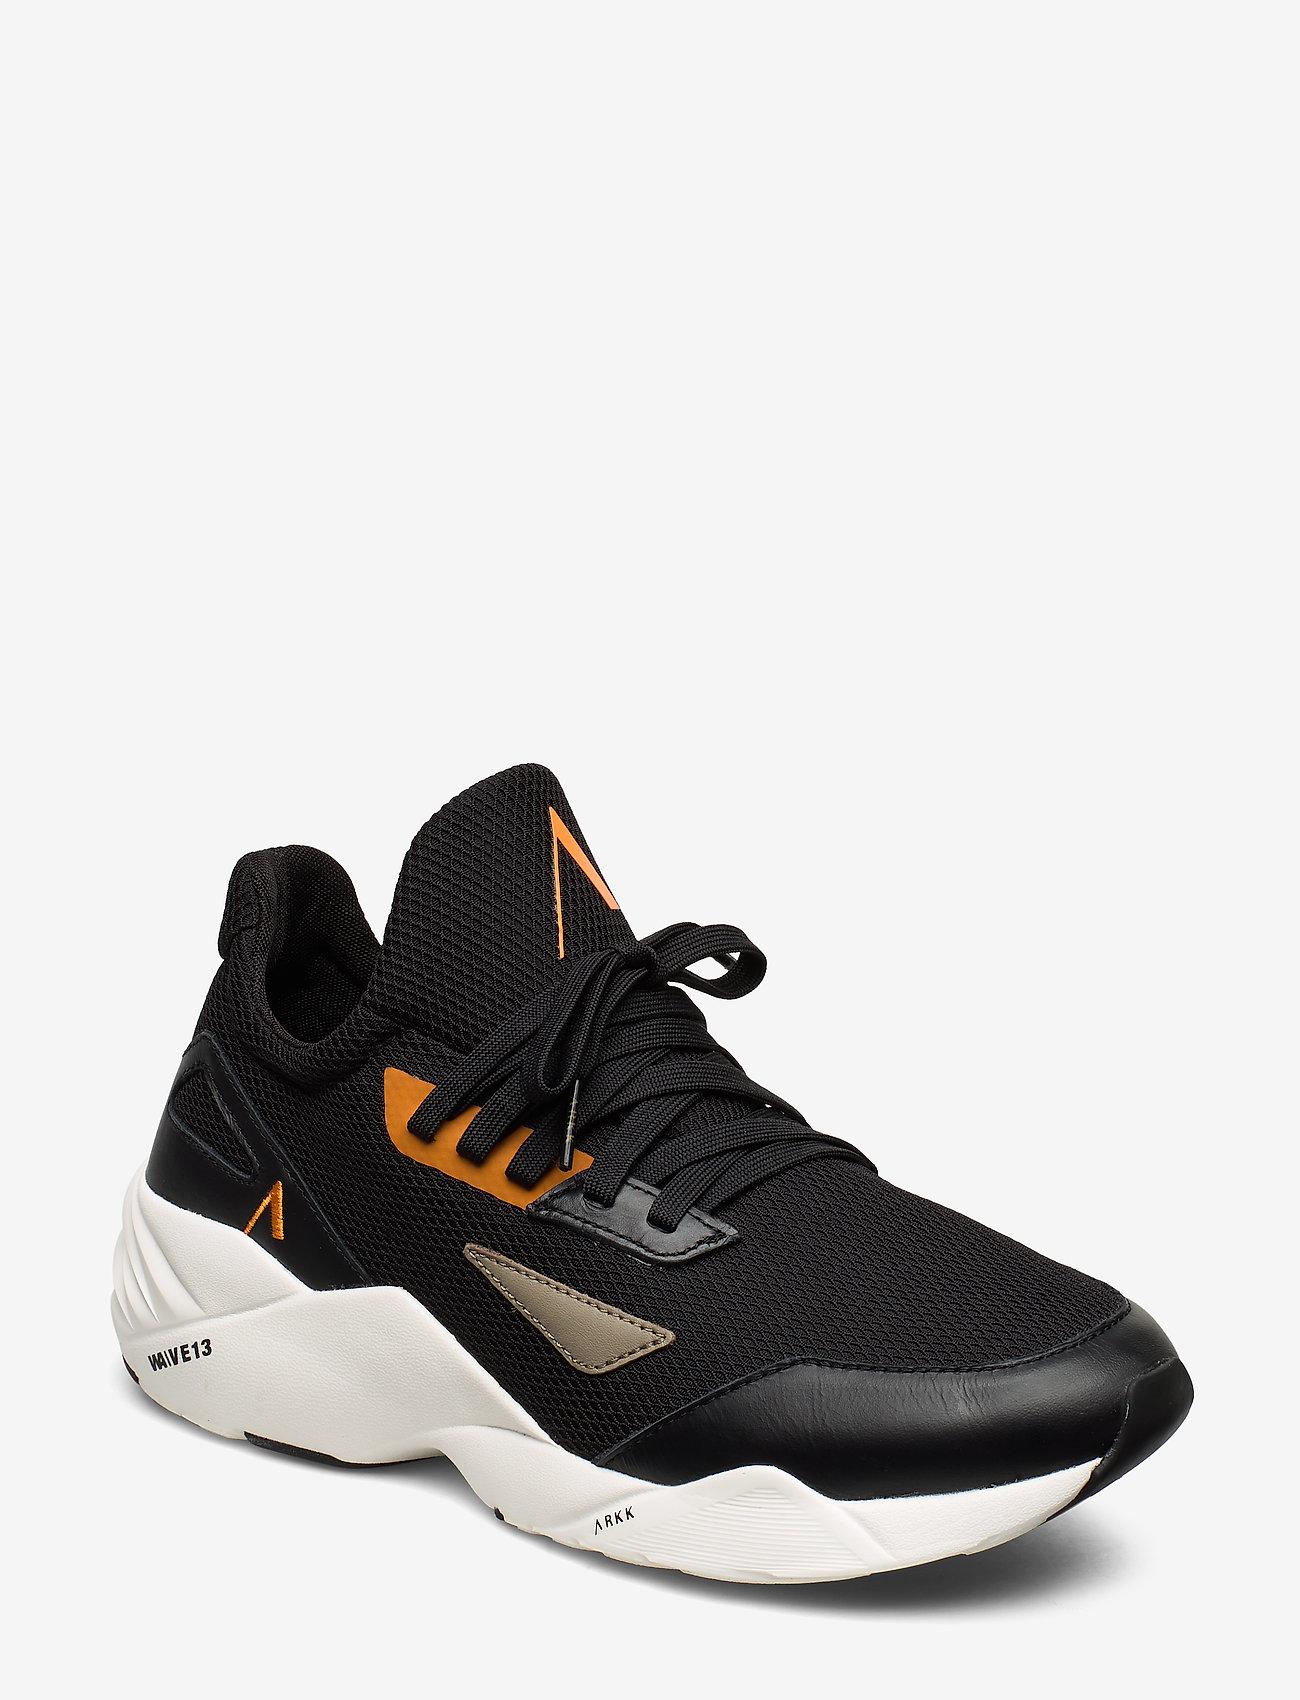 ARKK Copenhagen Apextron Mesh 2.0 W13 Black Khaki-M - Sneakers BLACK KHAKI - Schuhe Billige